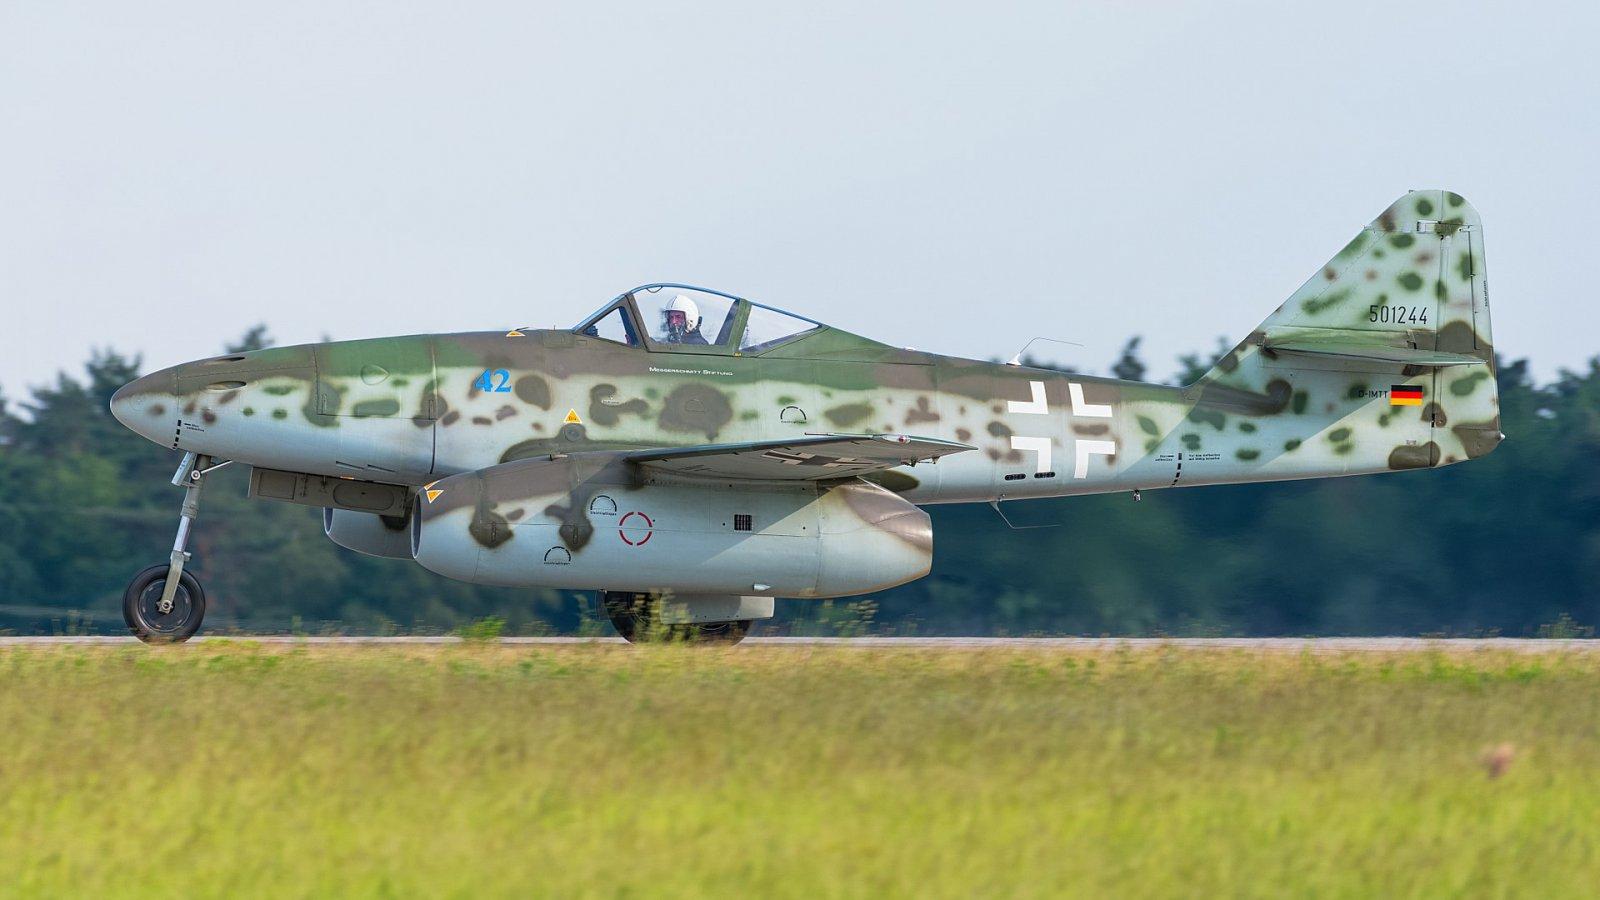 1920px-Messerschmitt_Me_262_B1-A_D-IMTT_501244_replica_ILA_Berlin_2016_01.jpg